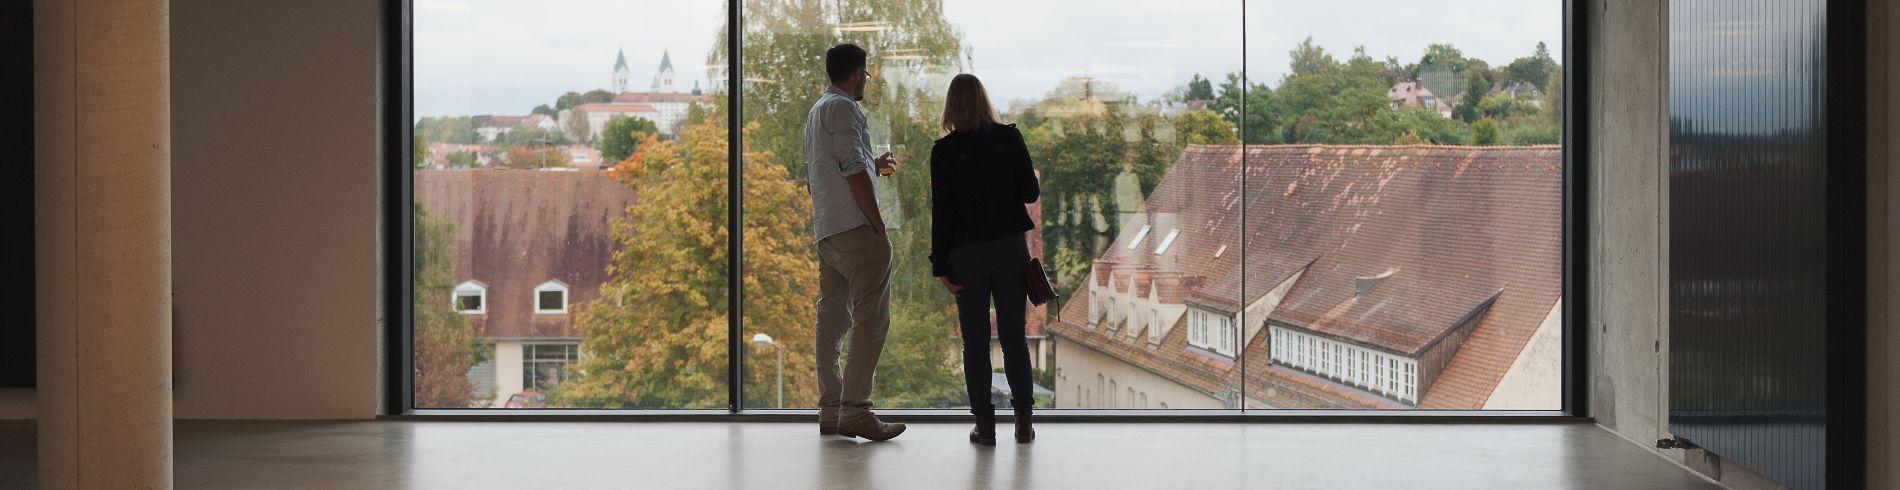 Hochschule Weihenstephan-Triesdorf cover image